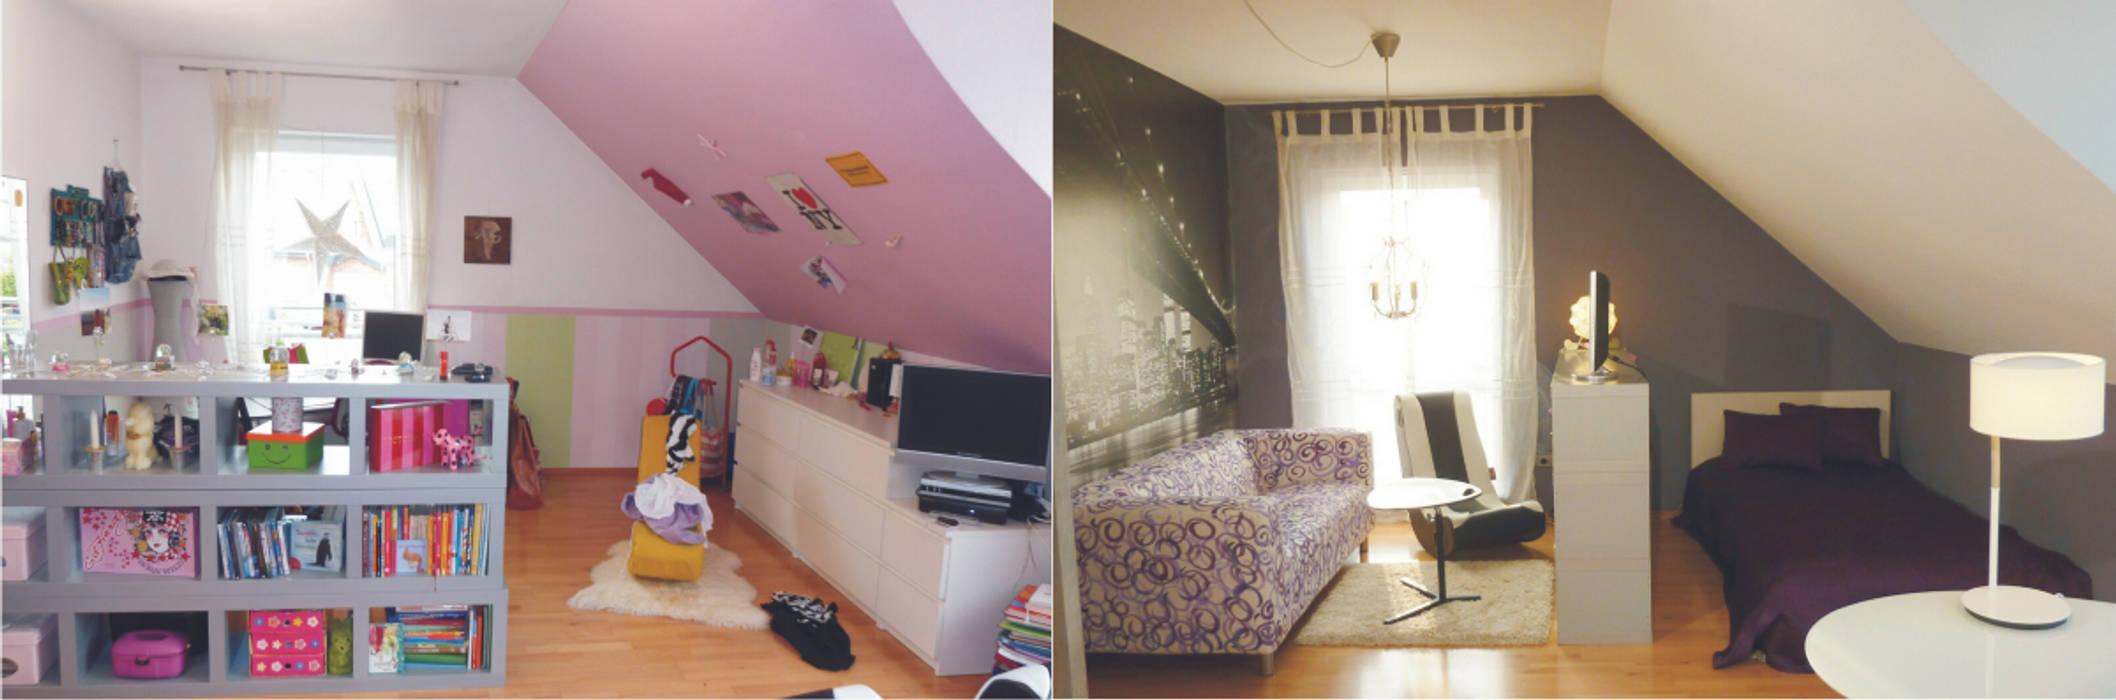 Umbau Jugendzimmer vorher-nachher Einrichtungsideen Moderne Kinderzimmer